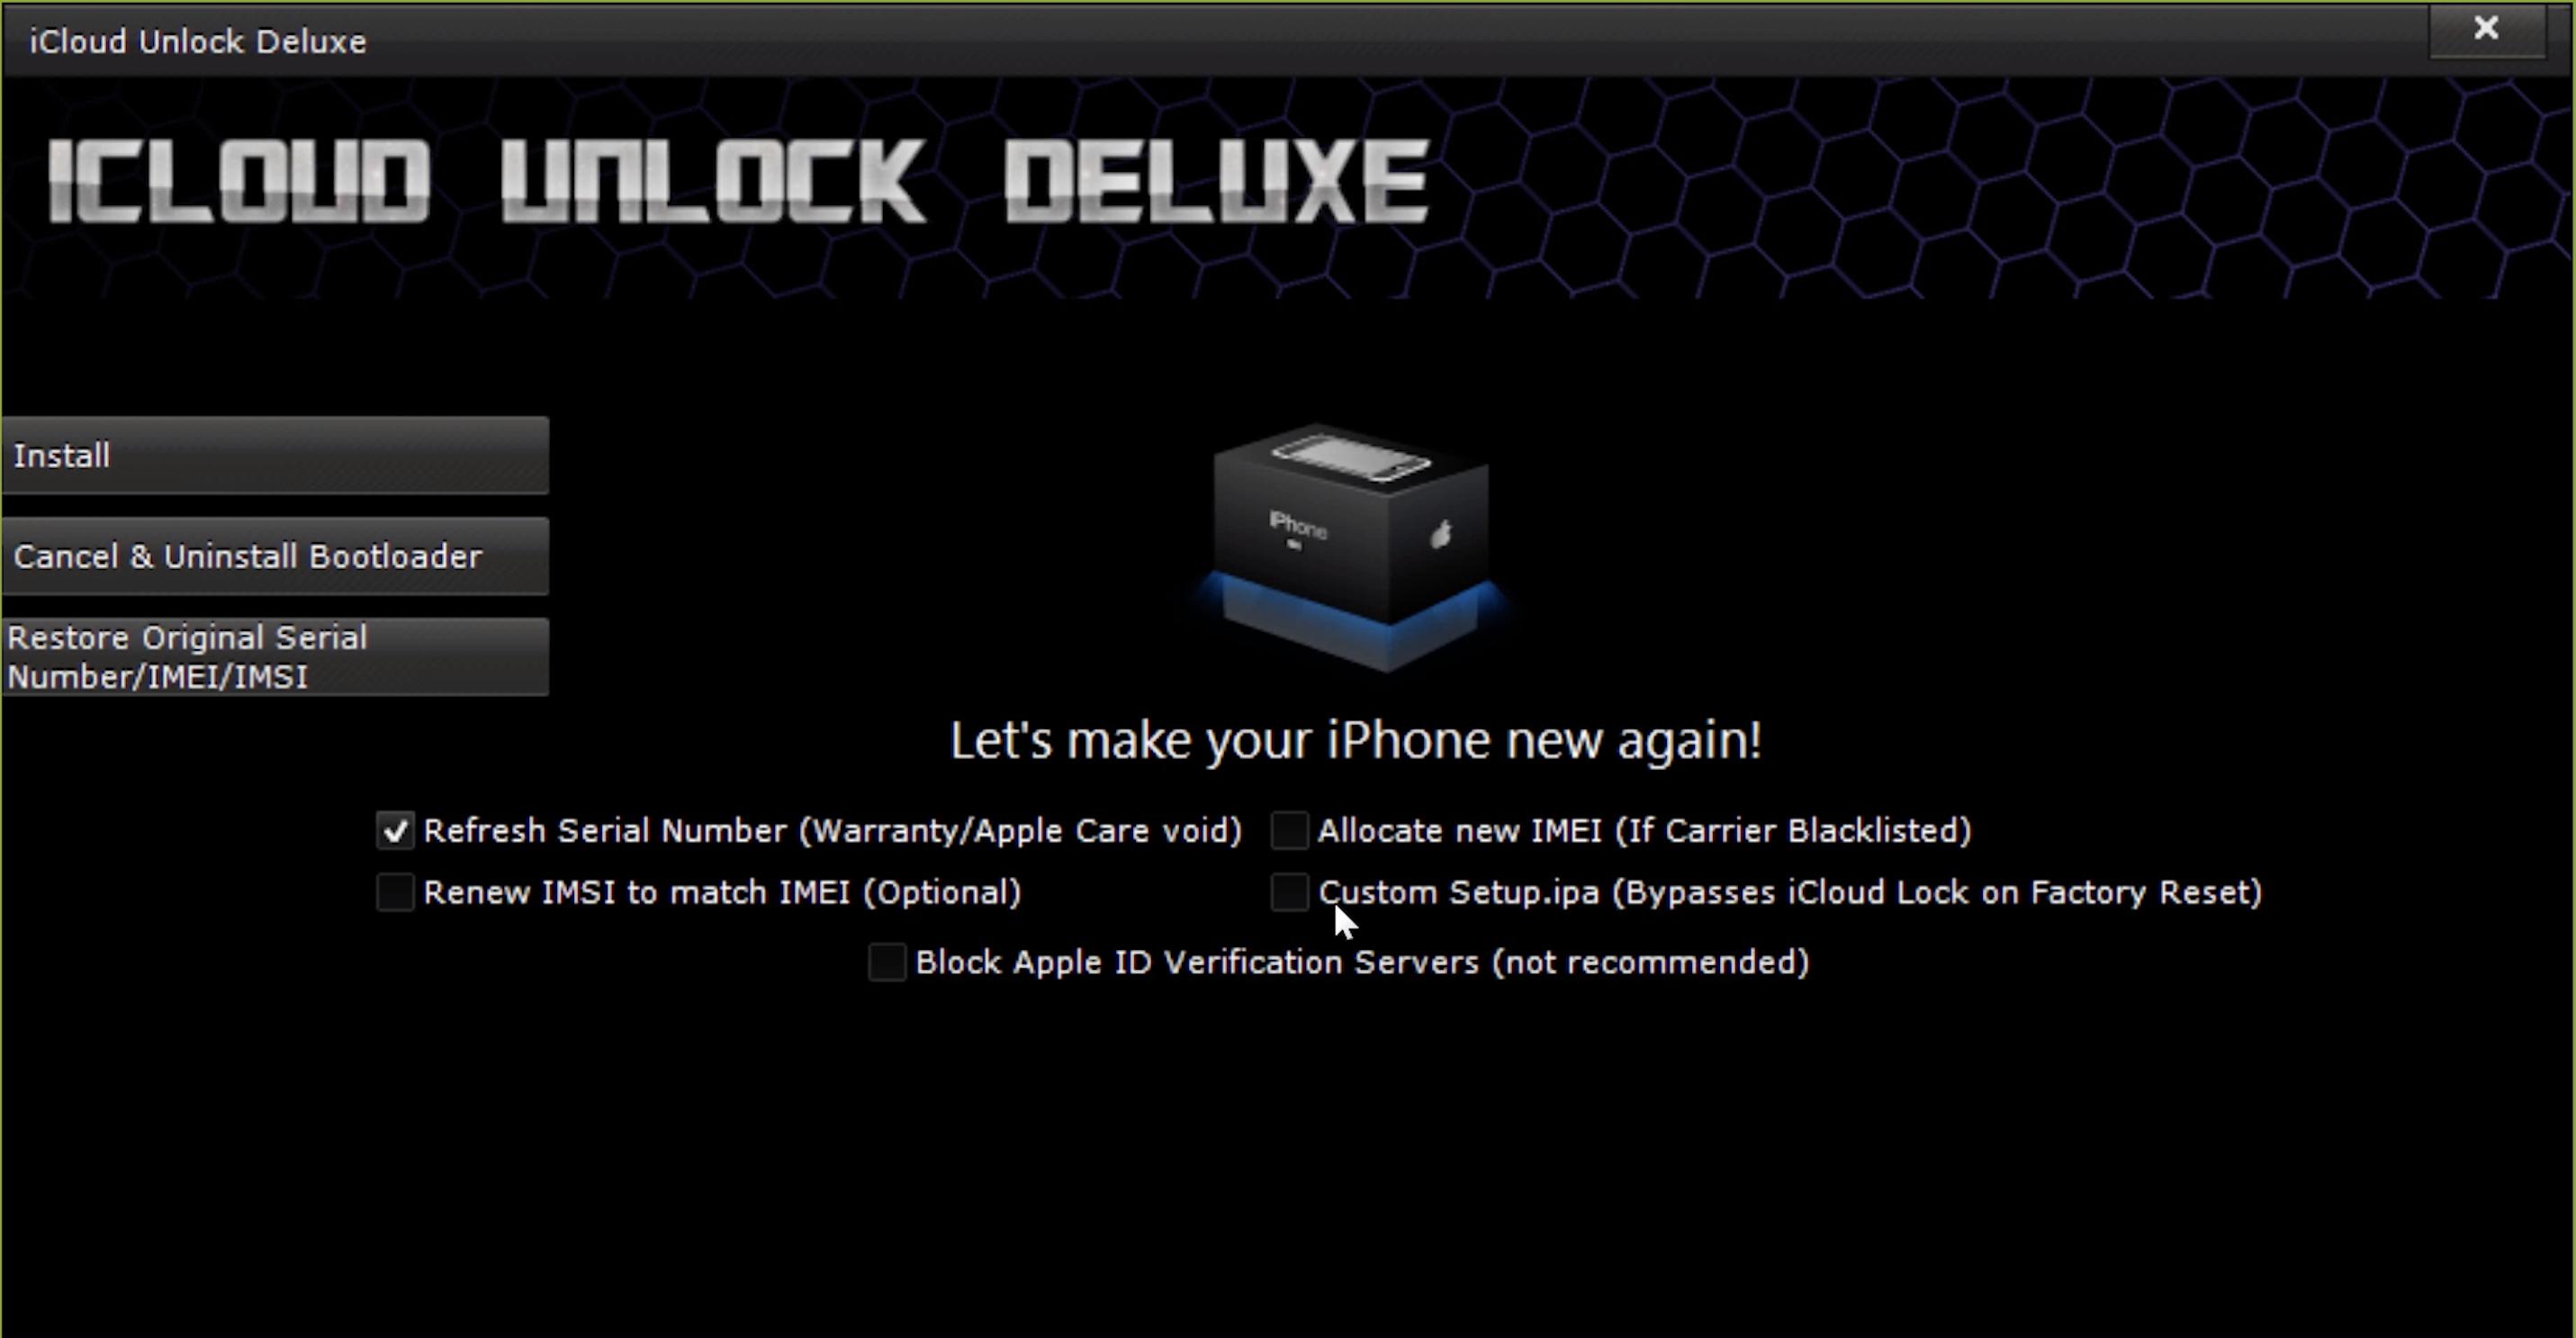 iCloud Unlock Deluxe Options